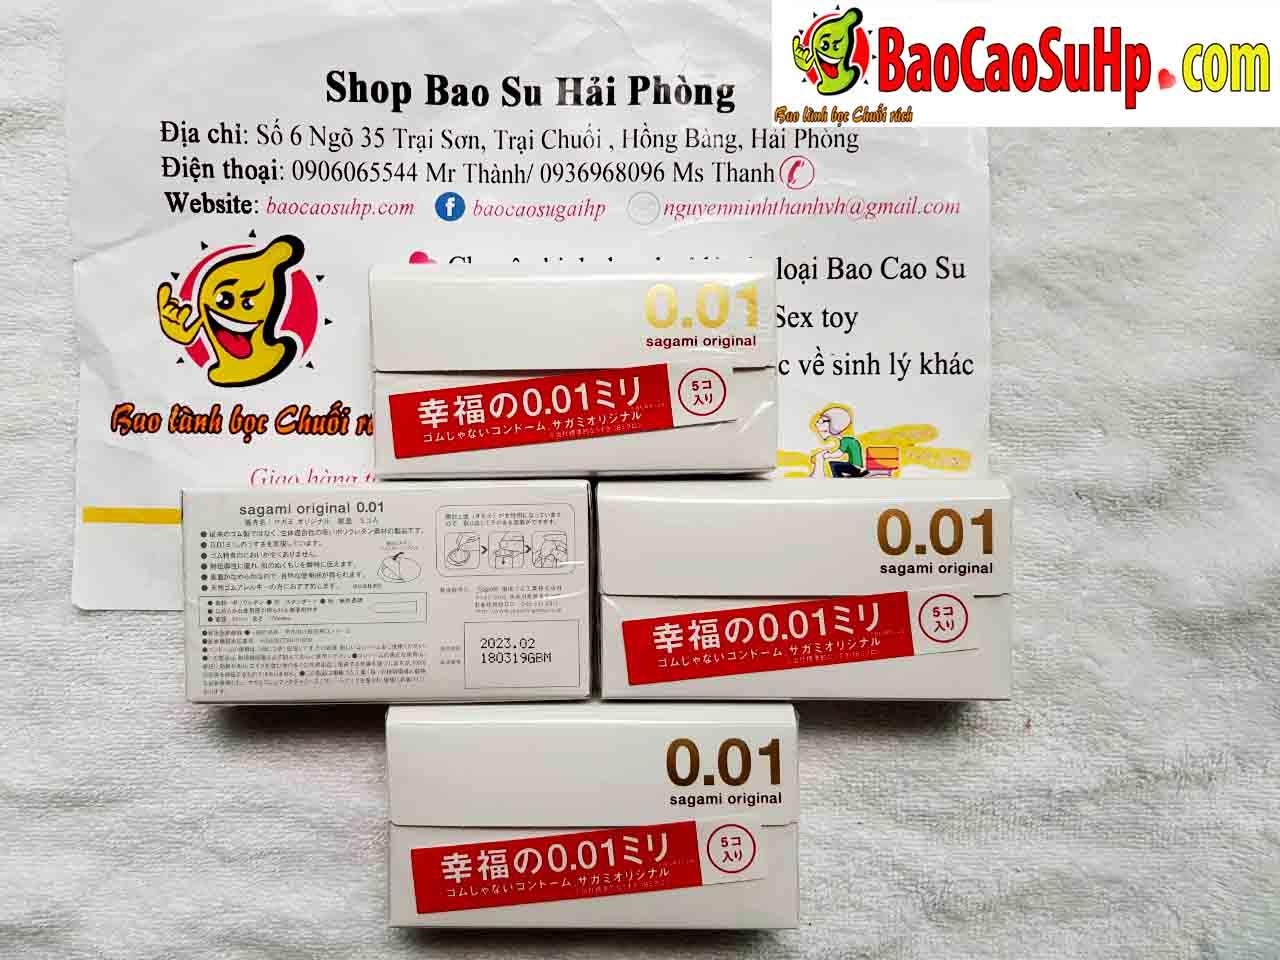 20181227214815 4121796 bao cao su nhat ban sagami original 001 - Bao cao su Nhật Bản gel bôi trơn các loại hàng về ngày 27.12.2018